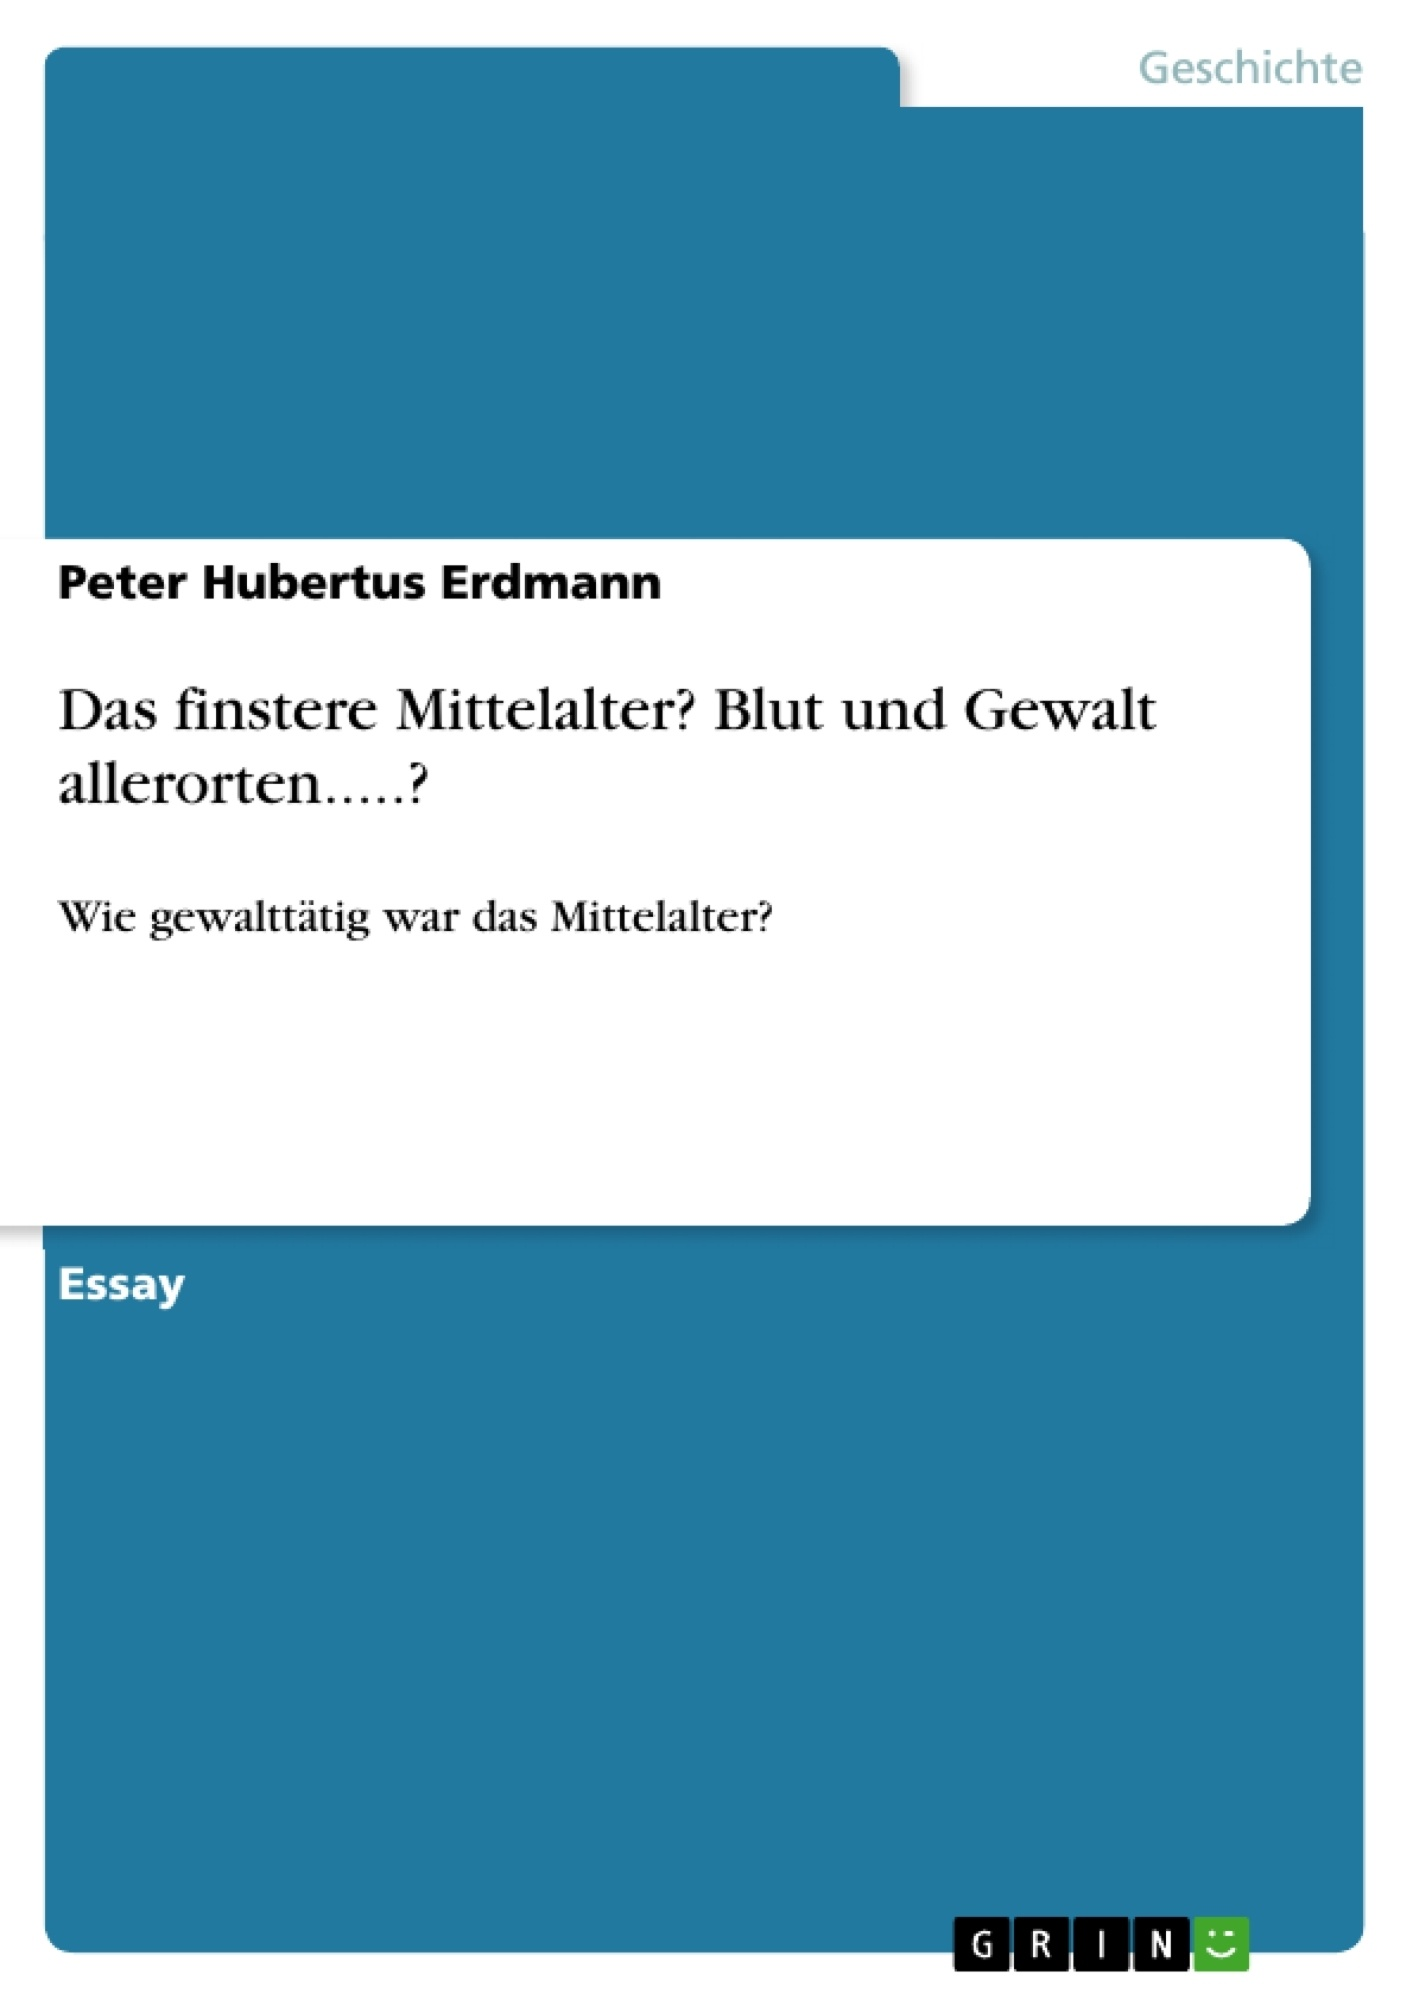 Titel: Das finstere Mittelalter? Blut und Gewalt allerorten.....?